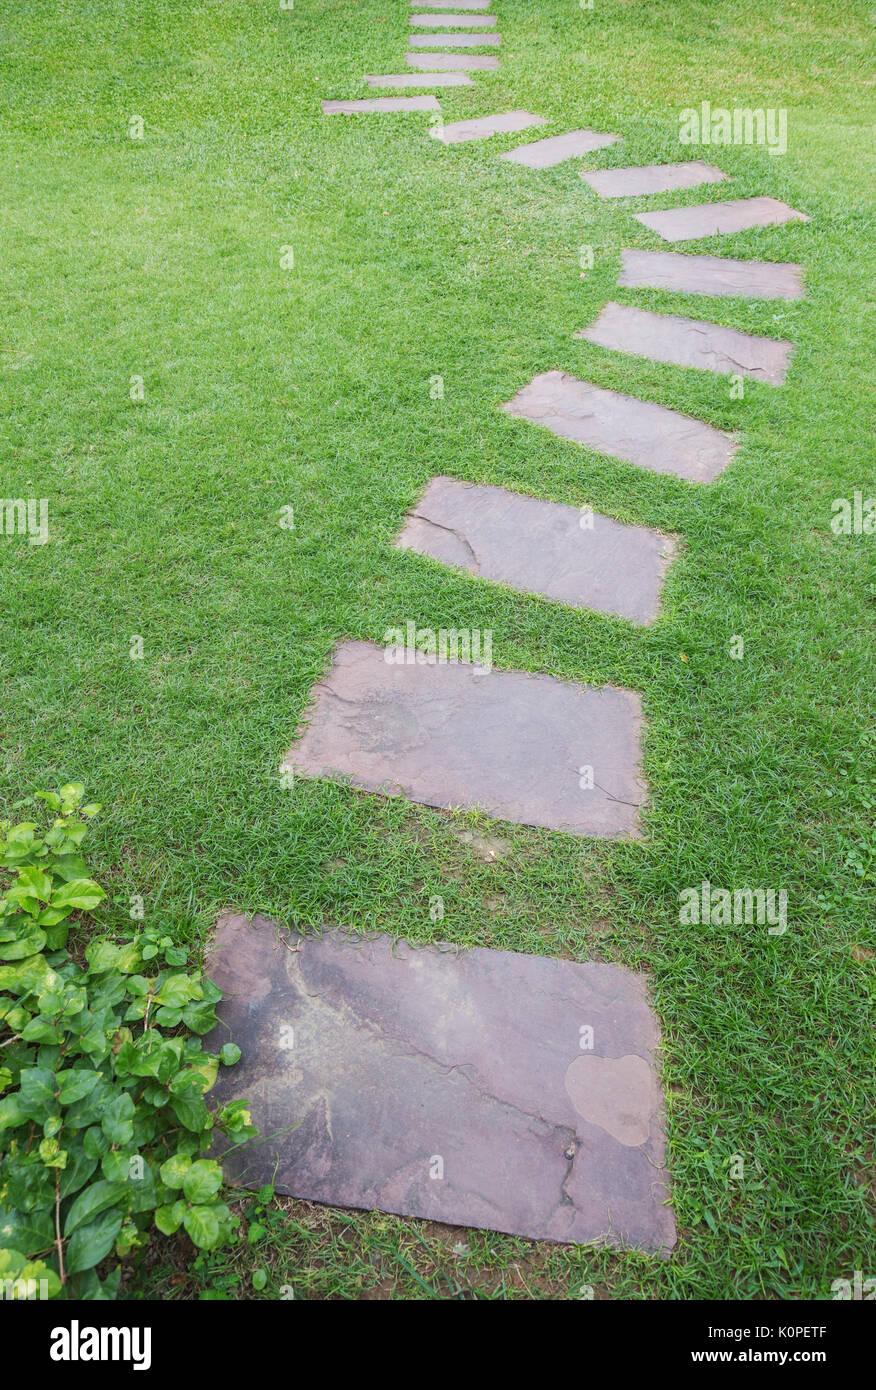 Jardines con cesped y piedras lmpara de decoracin csped Cesped con piedras